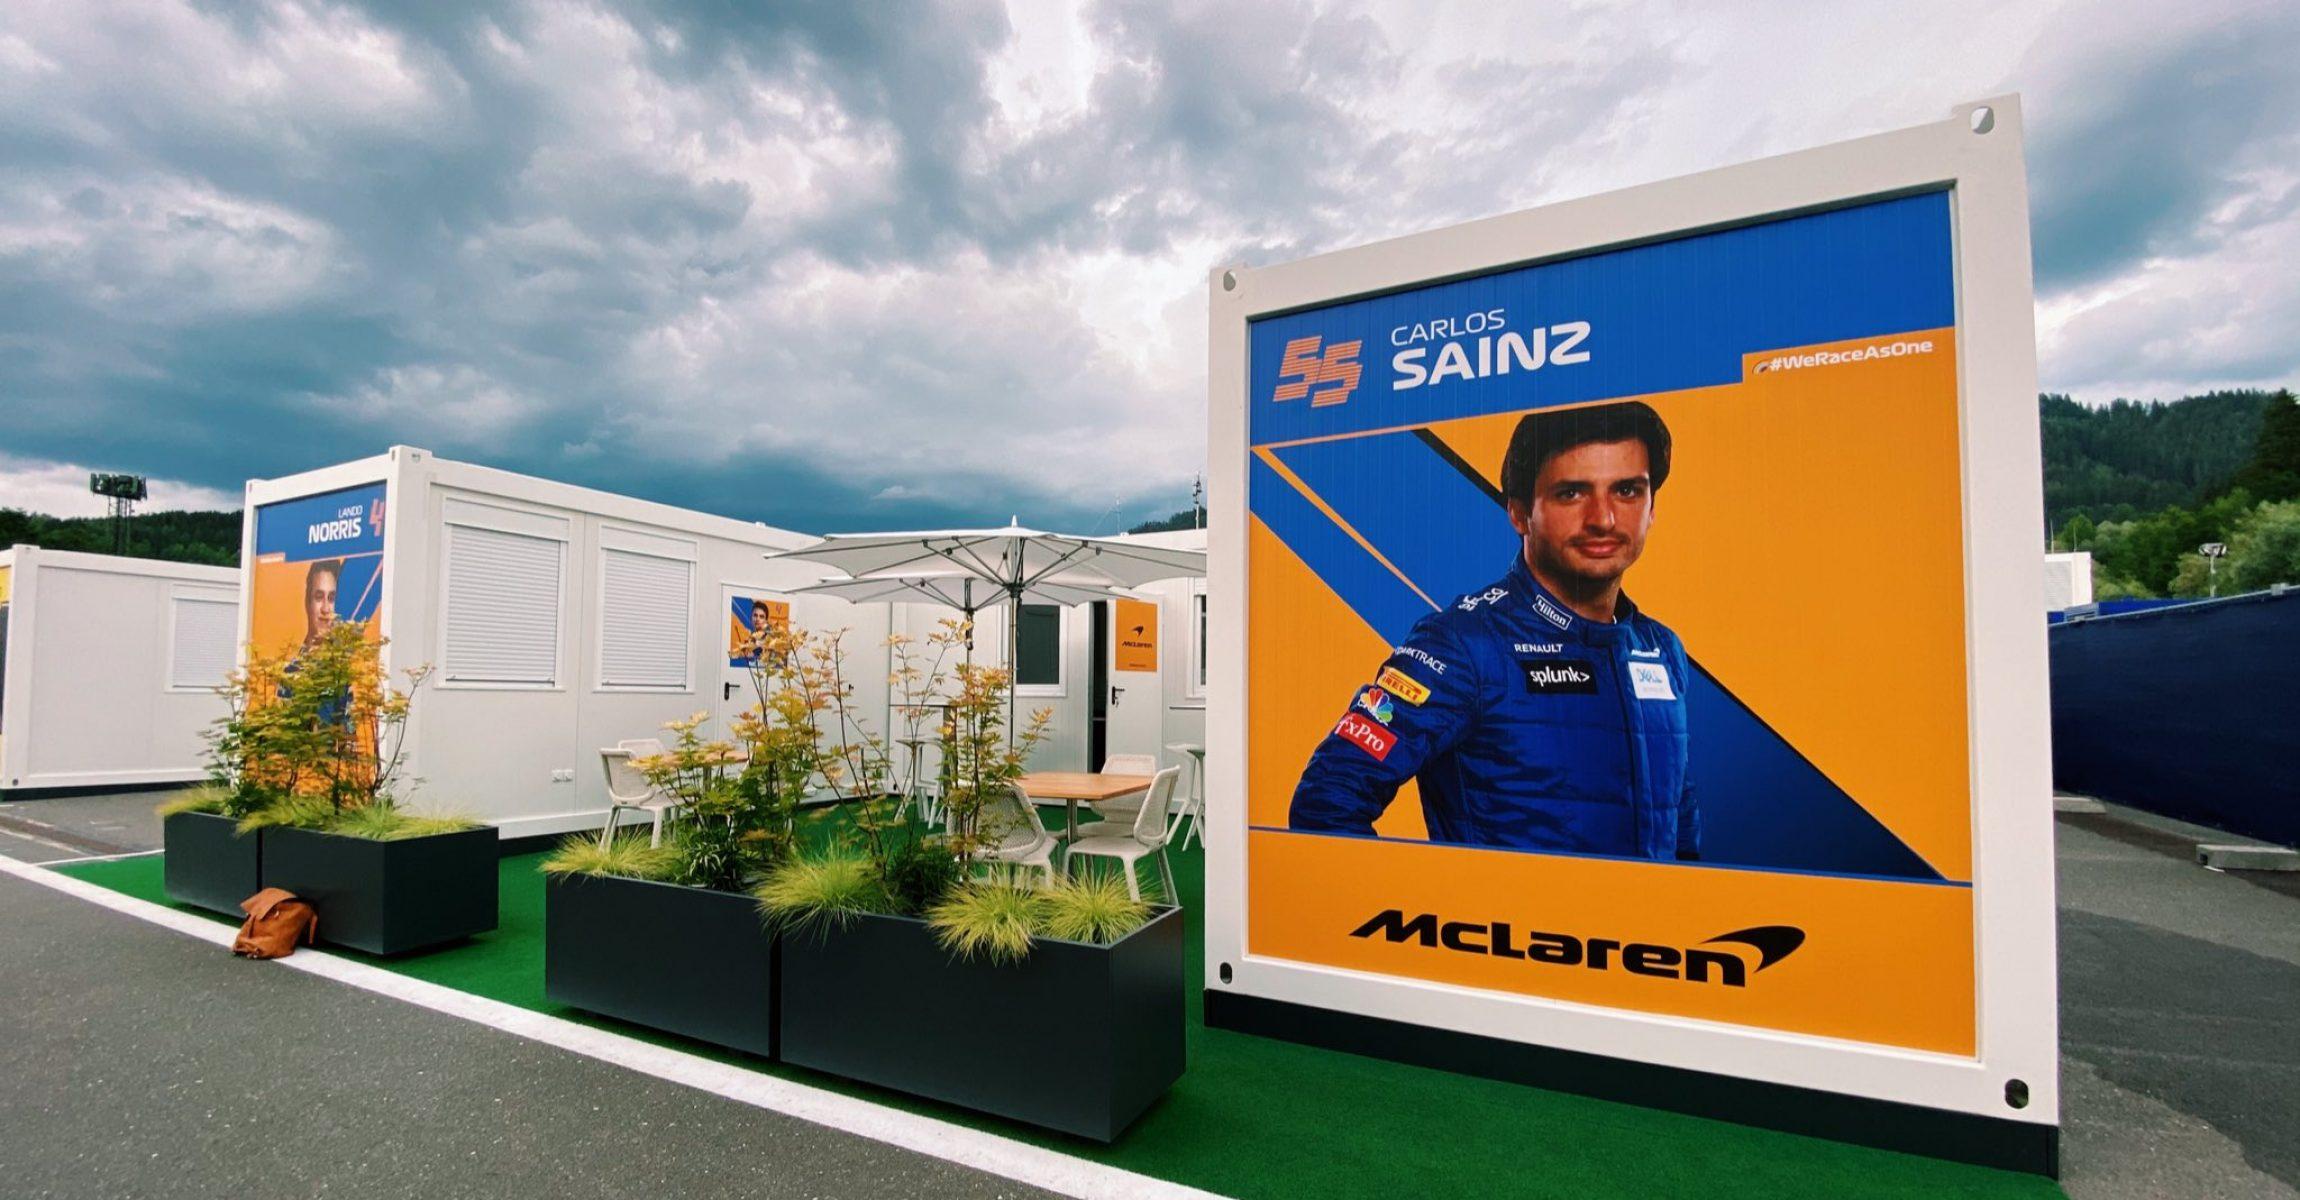 Spielberg paddock, McLaren, Carlos Sainz